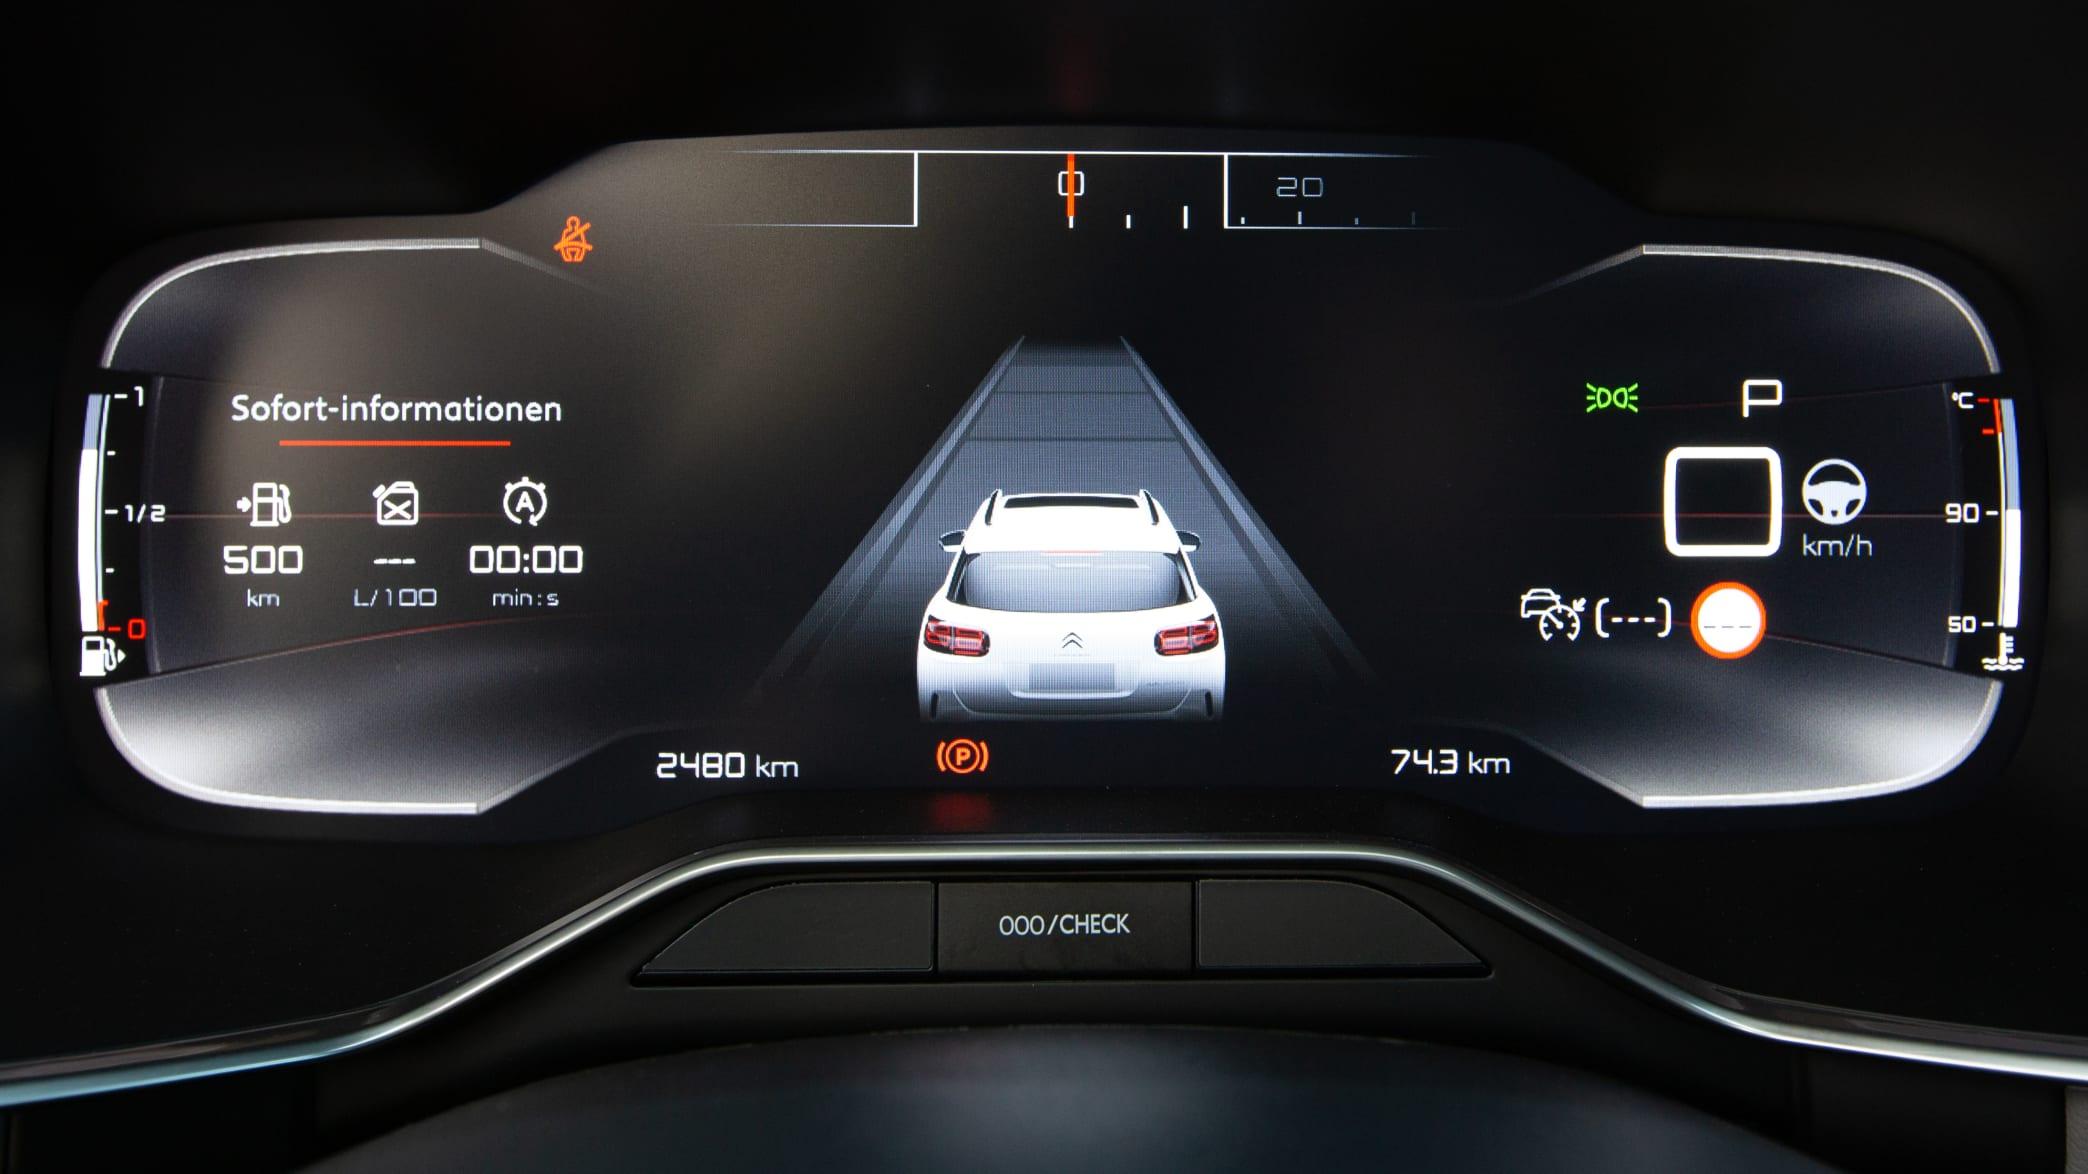 Citroën C5 Aircross: Test, Daten, Preis, Video | ADAC